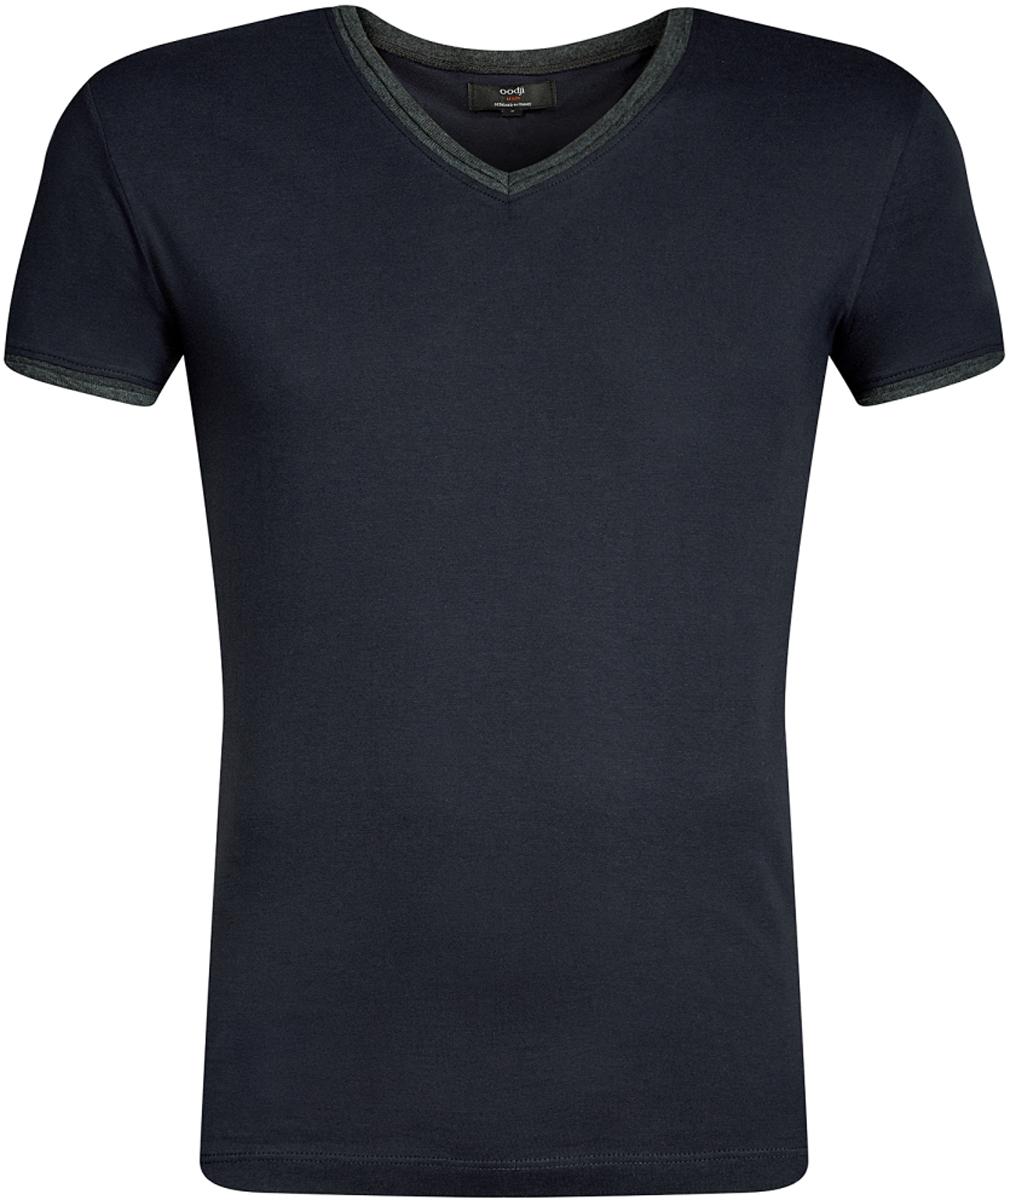 Футболка мужская oodji Lab, цвет: темно-синий, темно-серый. 5L612017M/39485N/7925B. Размер S (46/48)5L612017M/39485N/7925BСтильная футболка от oodji с V-образным вырезом и короткими рукавами выполнена из натурального хлопка. Модель декорирована контрастной отделкой.